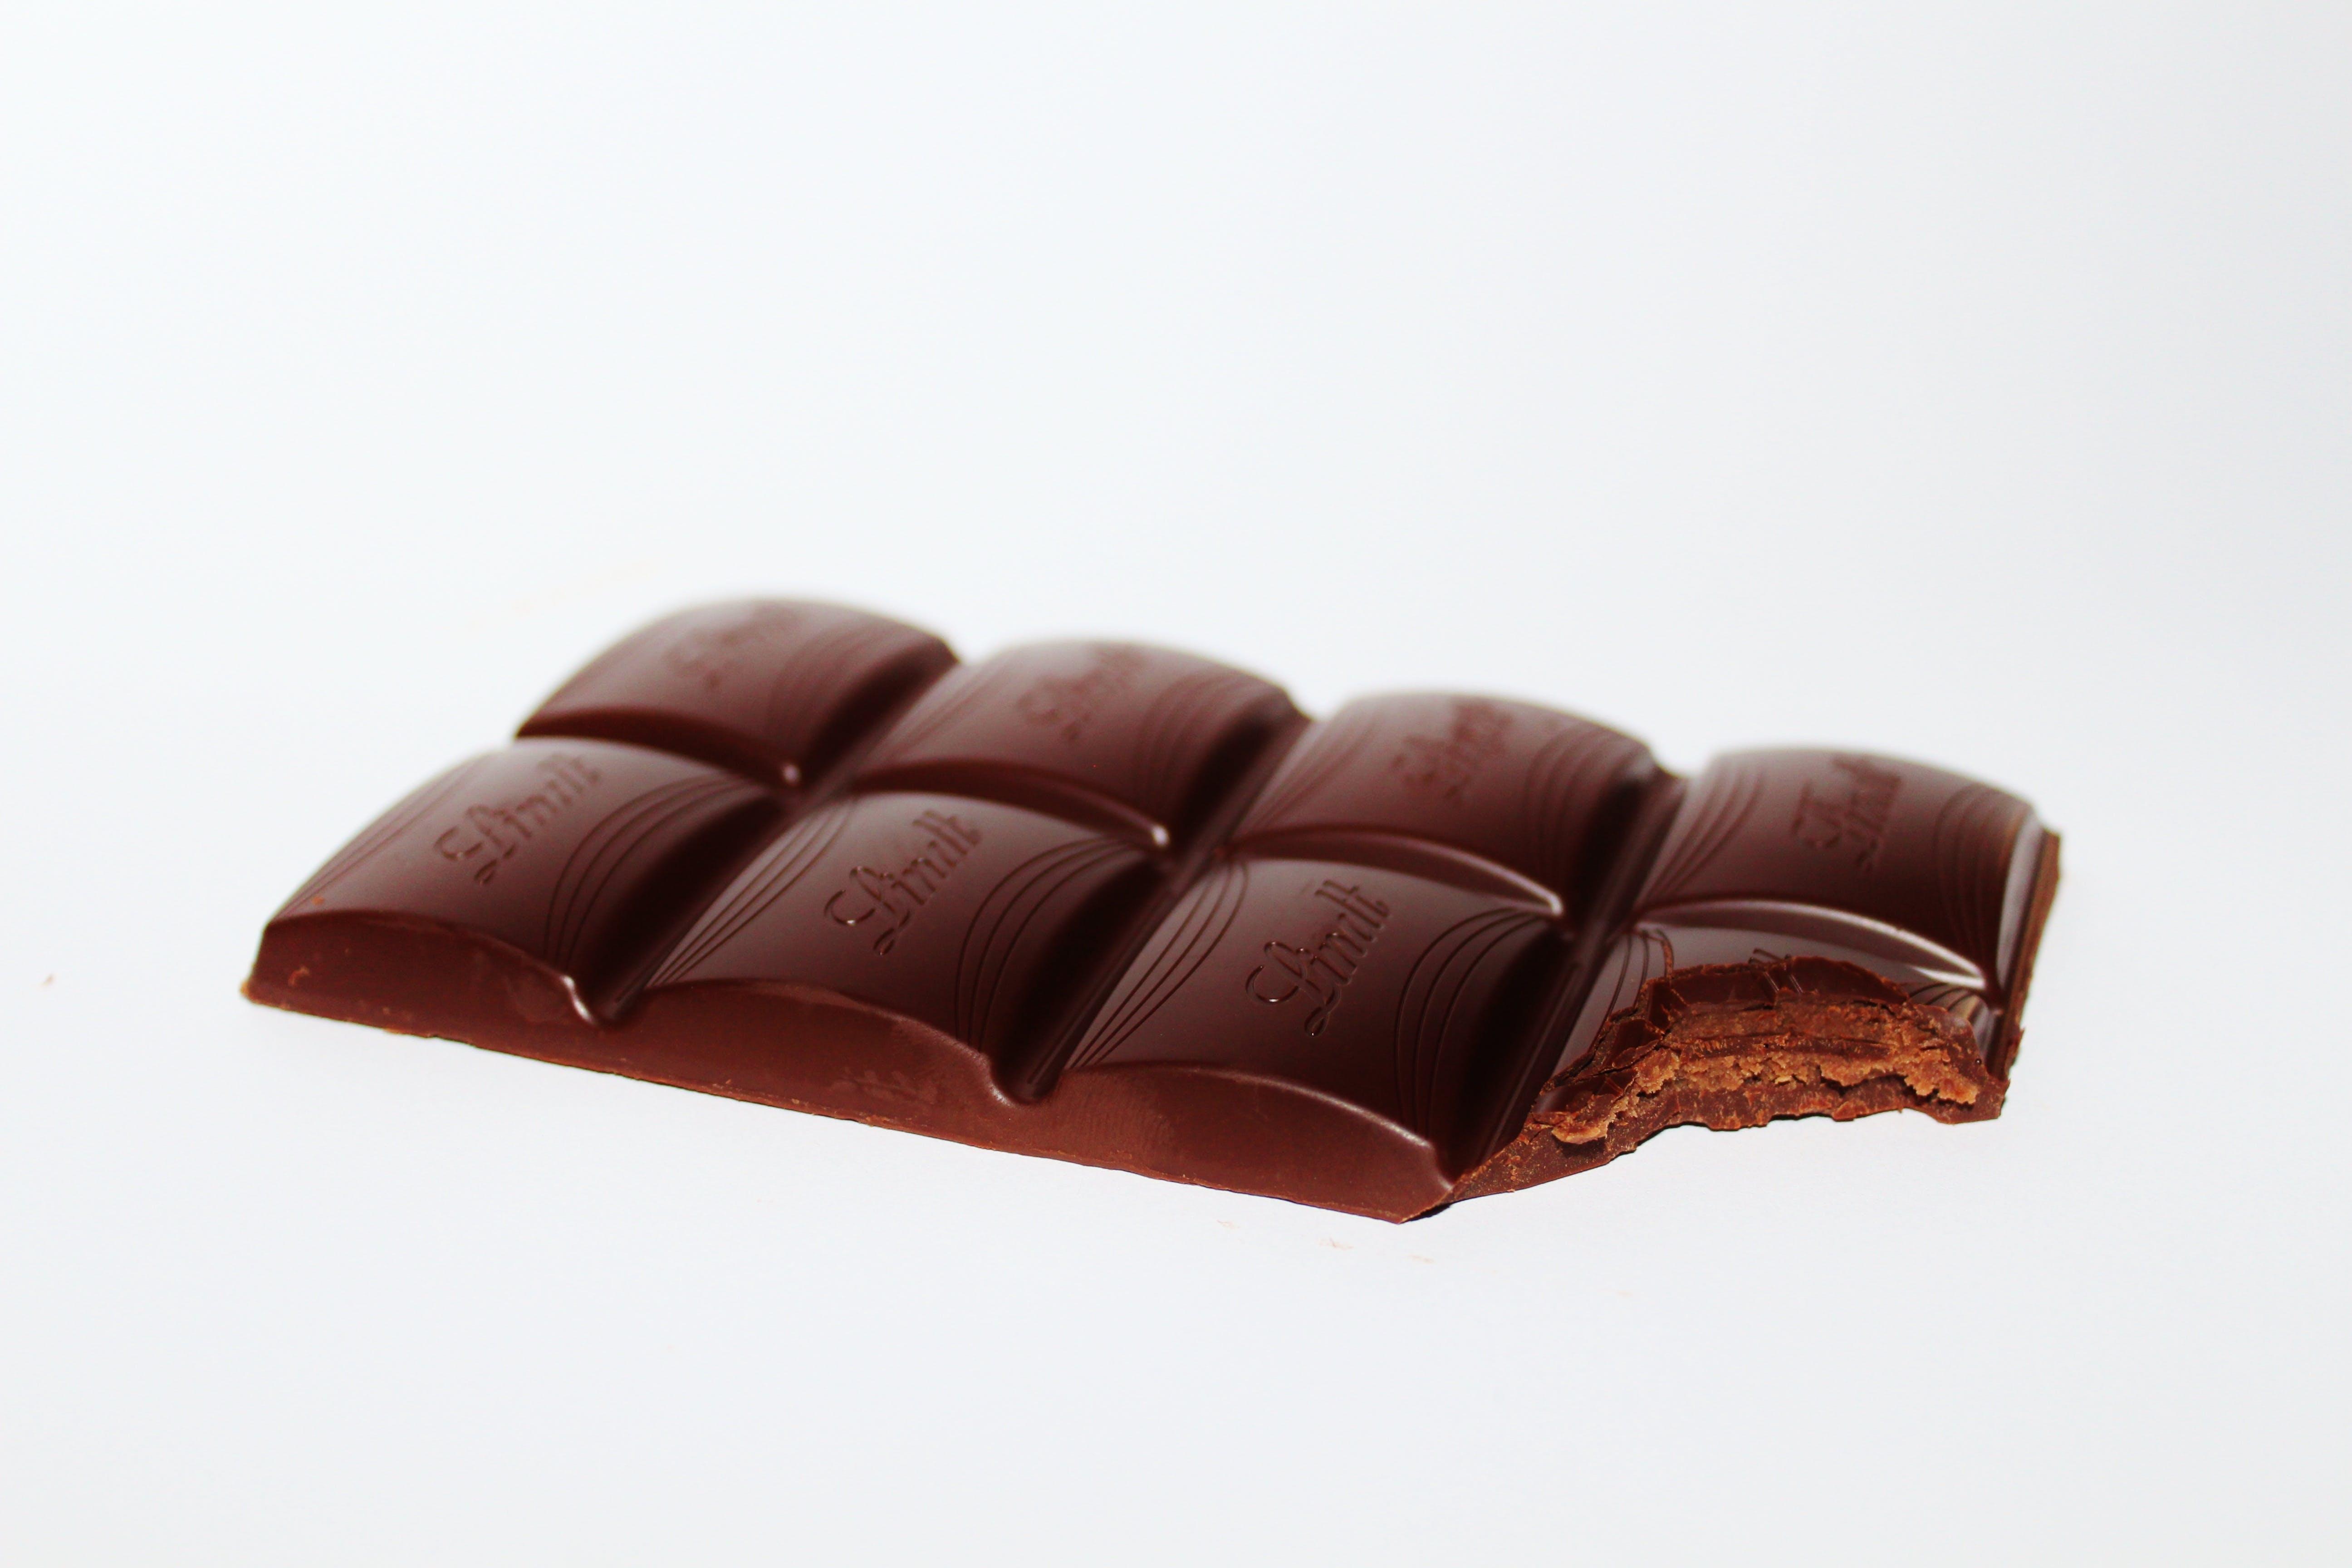 Kostenloses Stock Foto zu essen, schokolade, dessert, schokoladenriegel